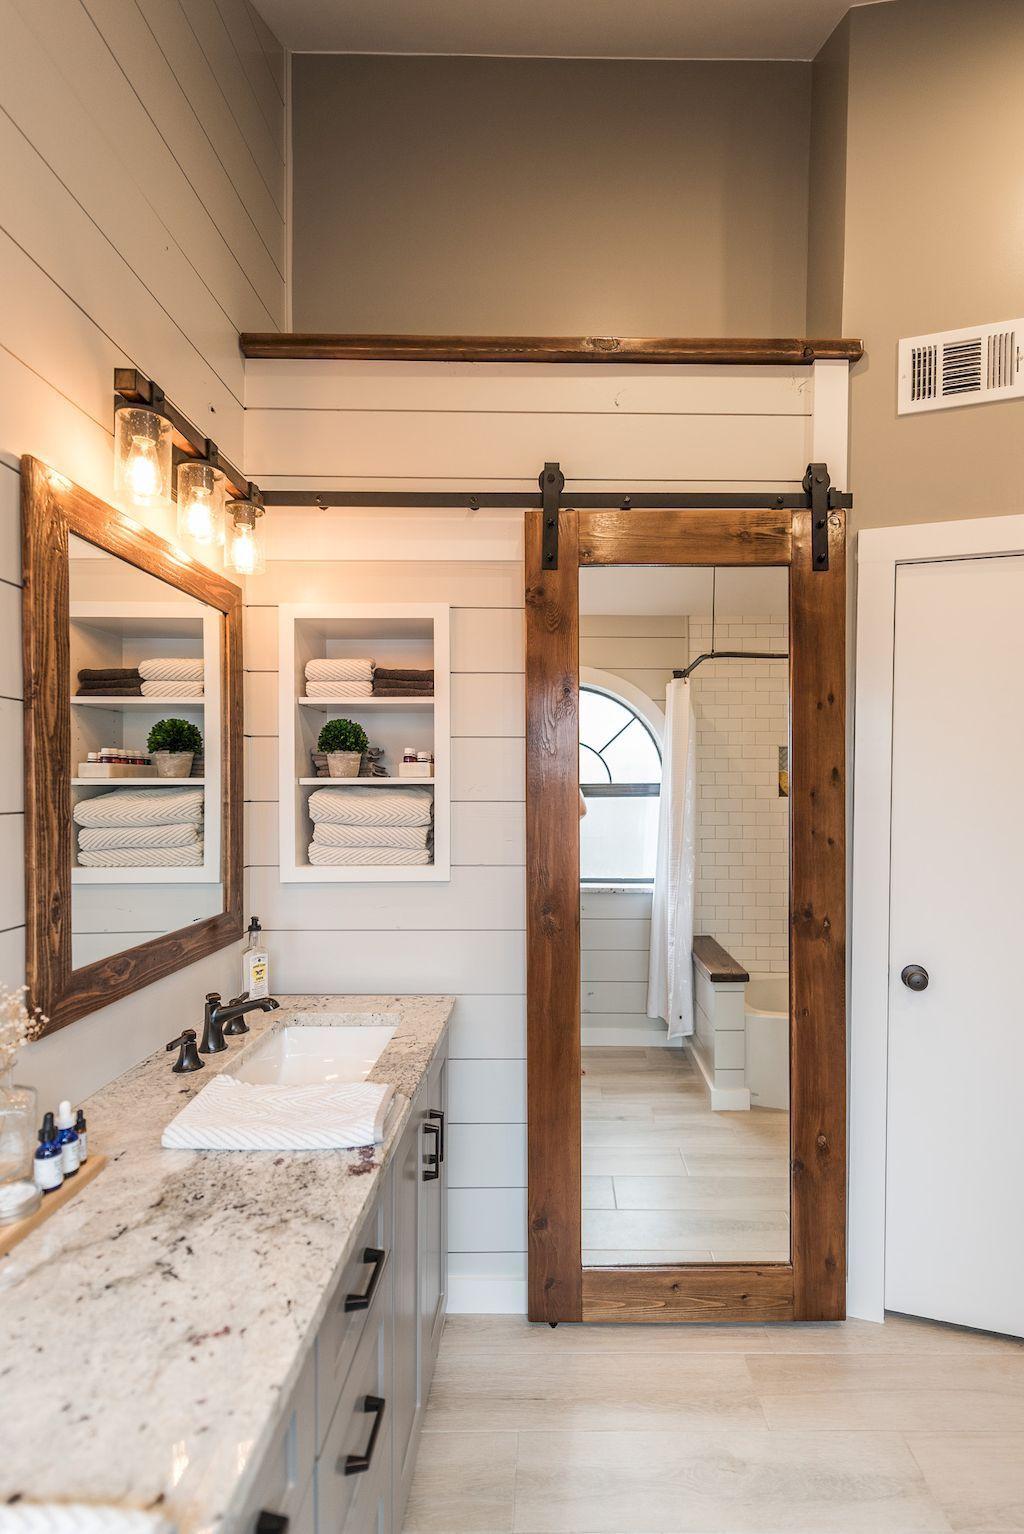 Modern farmhouse bathroom design and decor ideas